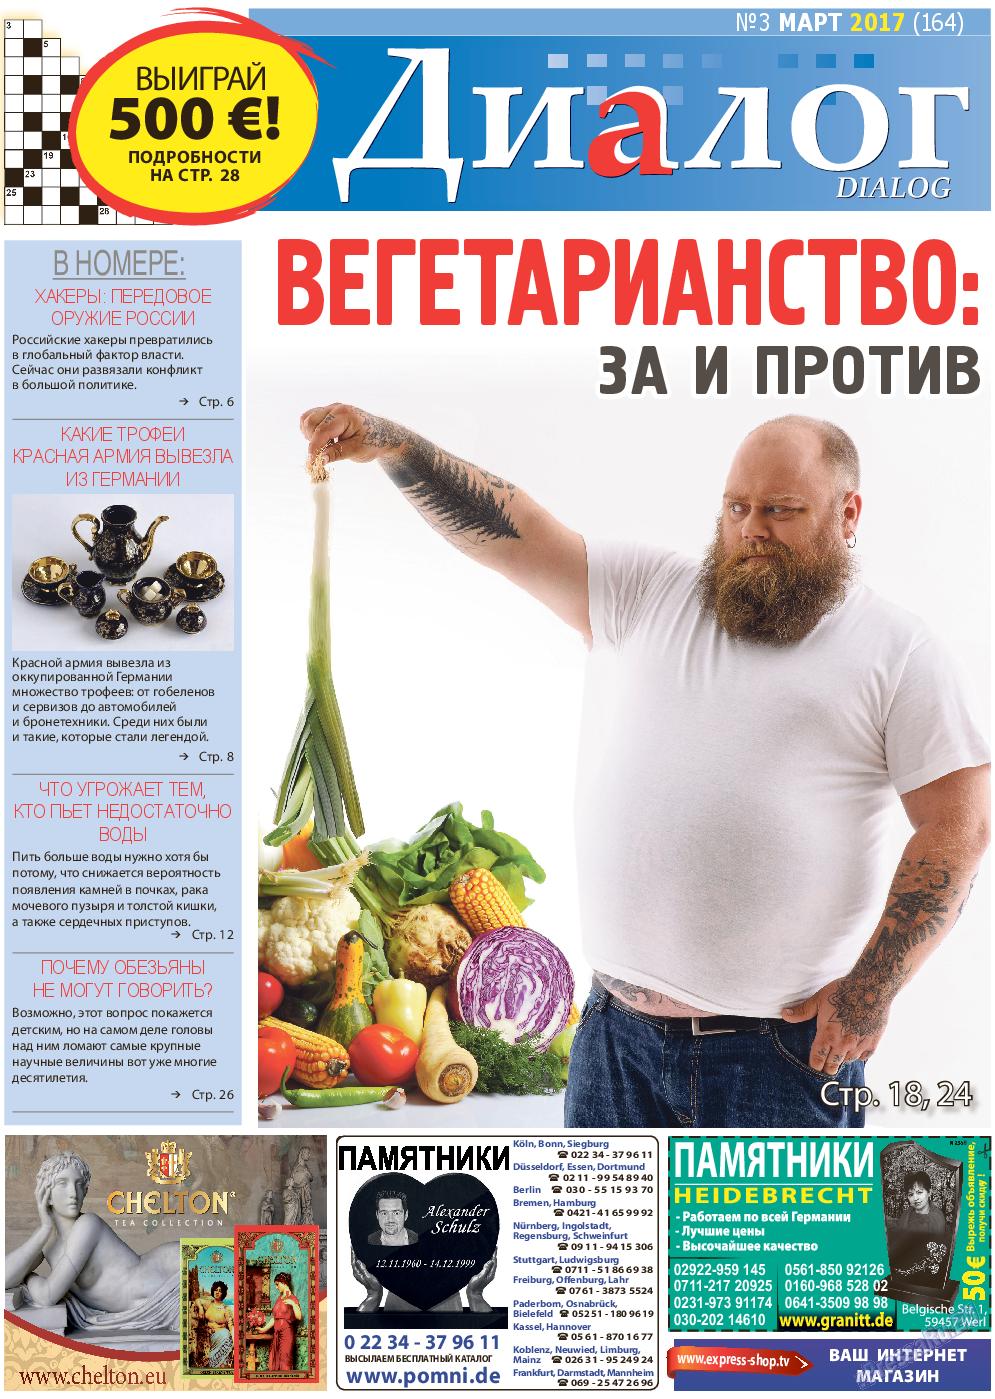 Диалог (газета). 2017 год, номер 3, стр. 1